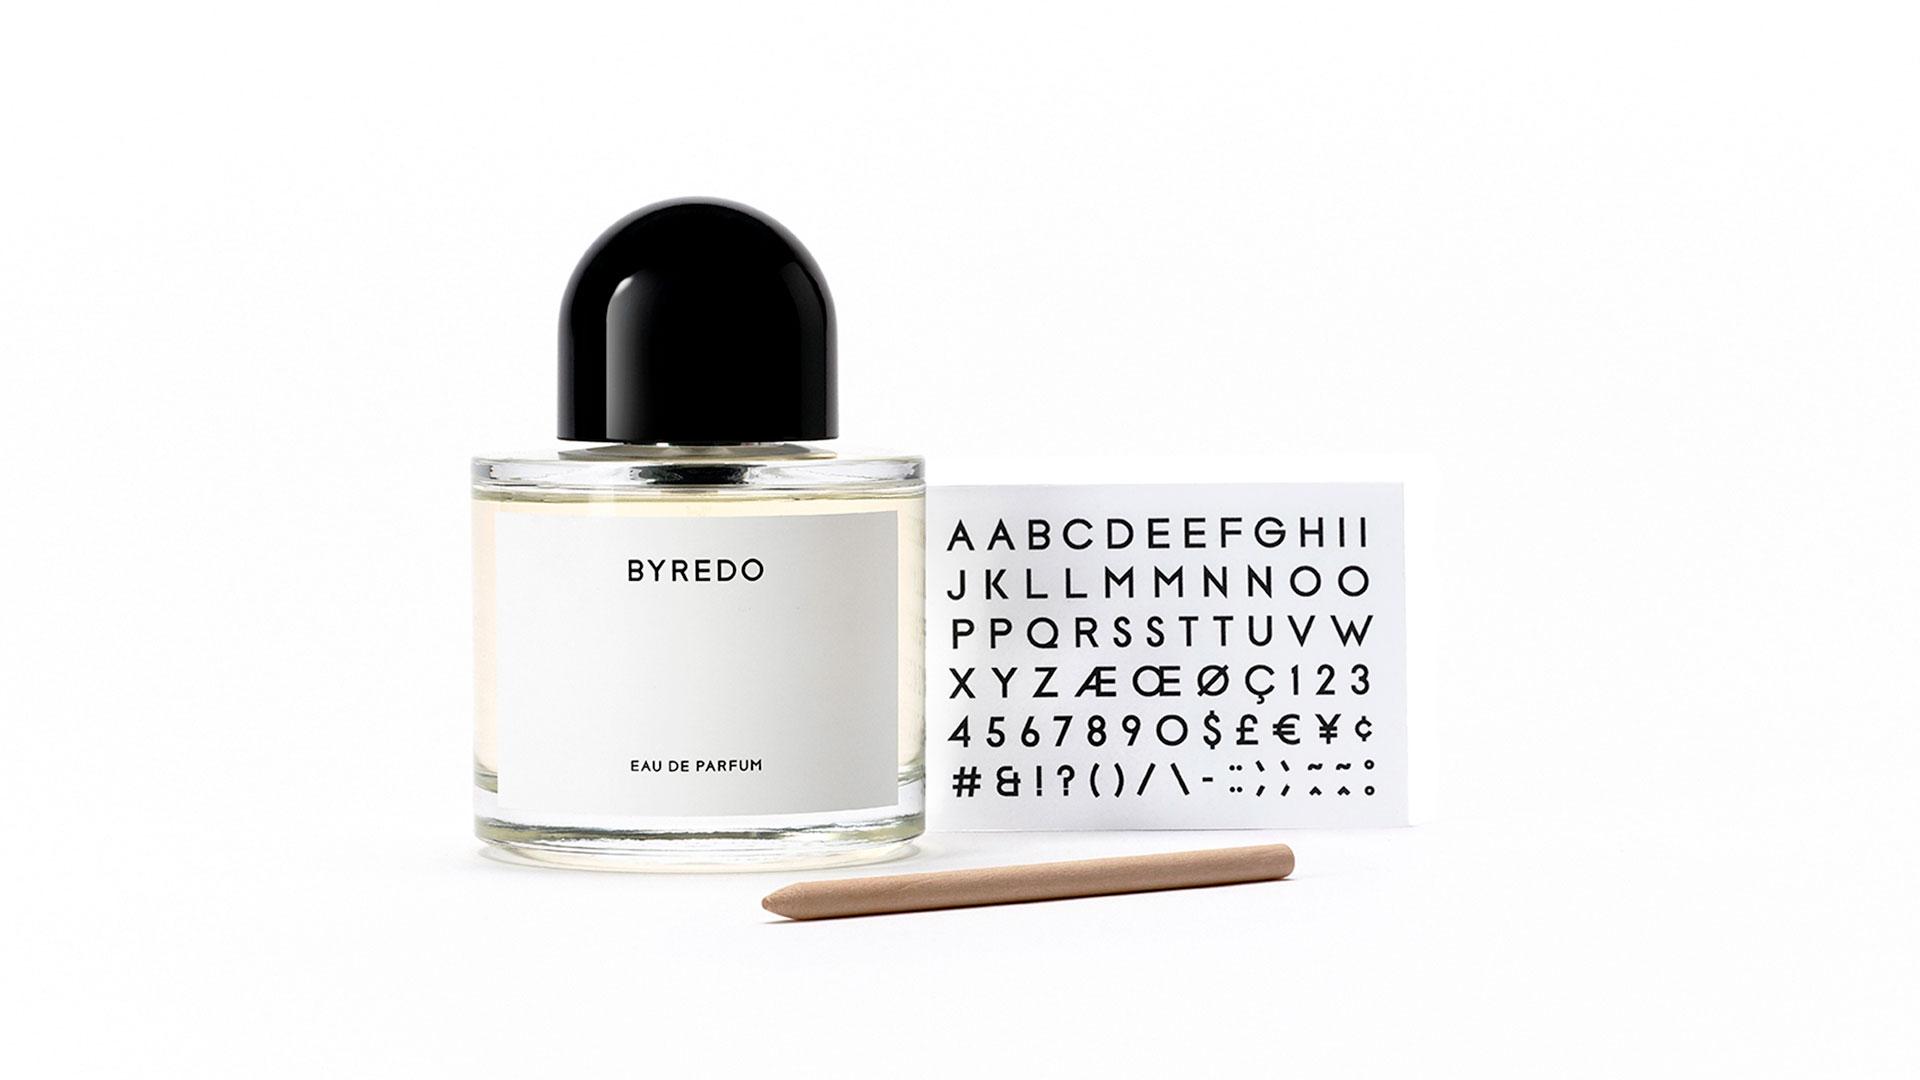 El perfume más deseado hero asset